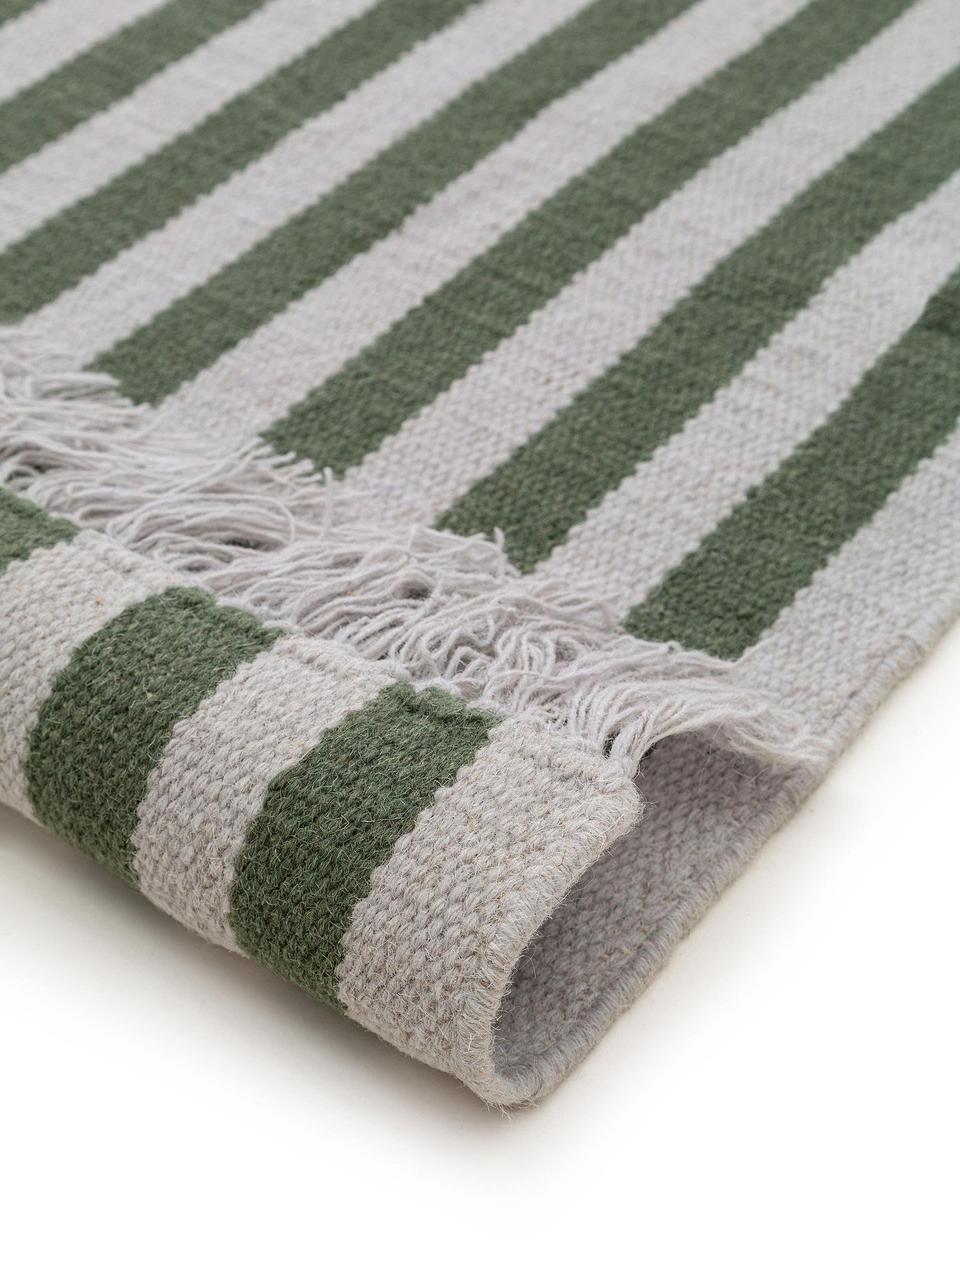 Gestreifter Wollteppich Gitta mit Fransen, 90% Wolle, 10% Baumwolle  Bei Wollteppichen können sich in den ersten Wochen der Nutzung Fasern lösen, dies reduziert sich durch den täglichen Gebrauch und die Flusenbildung geht zurück., Grün, Hellgrau, B 160 x L 230 cm (Größe M)